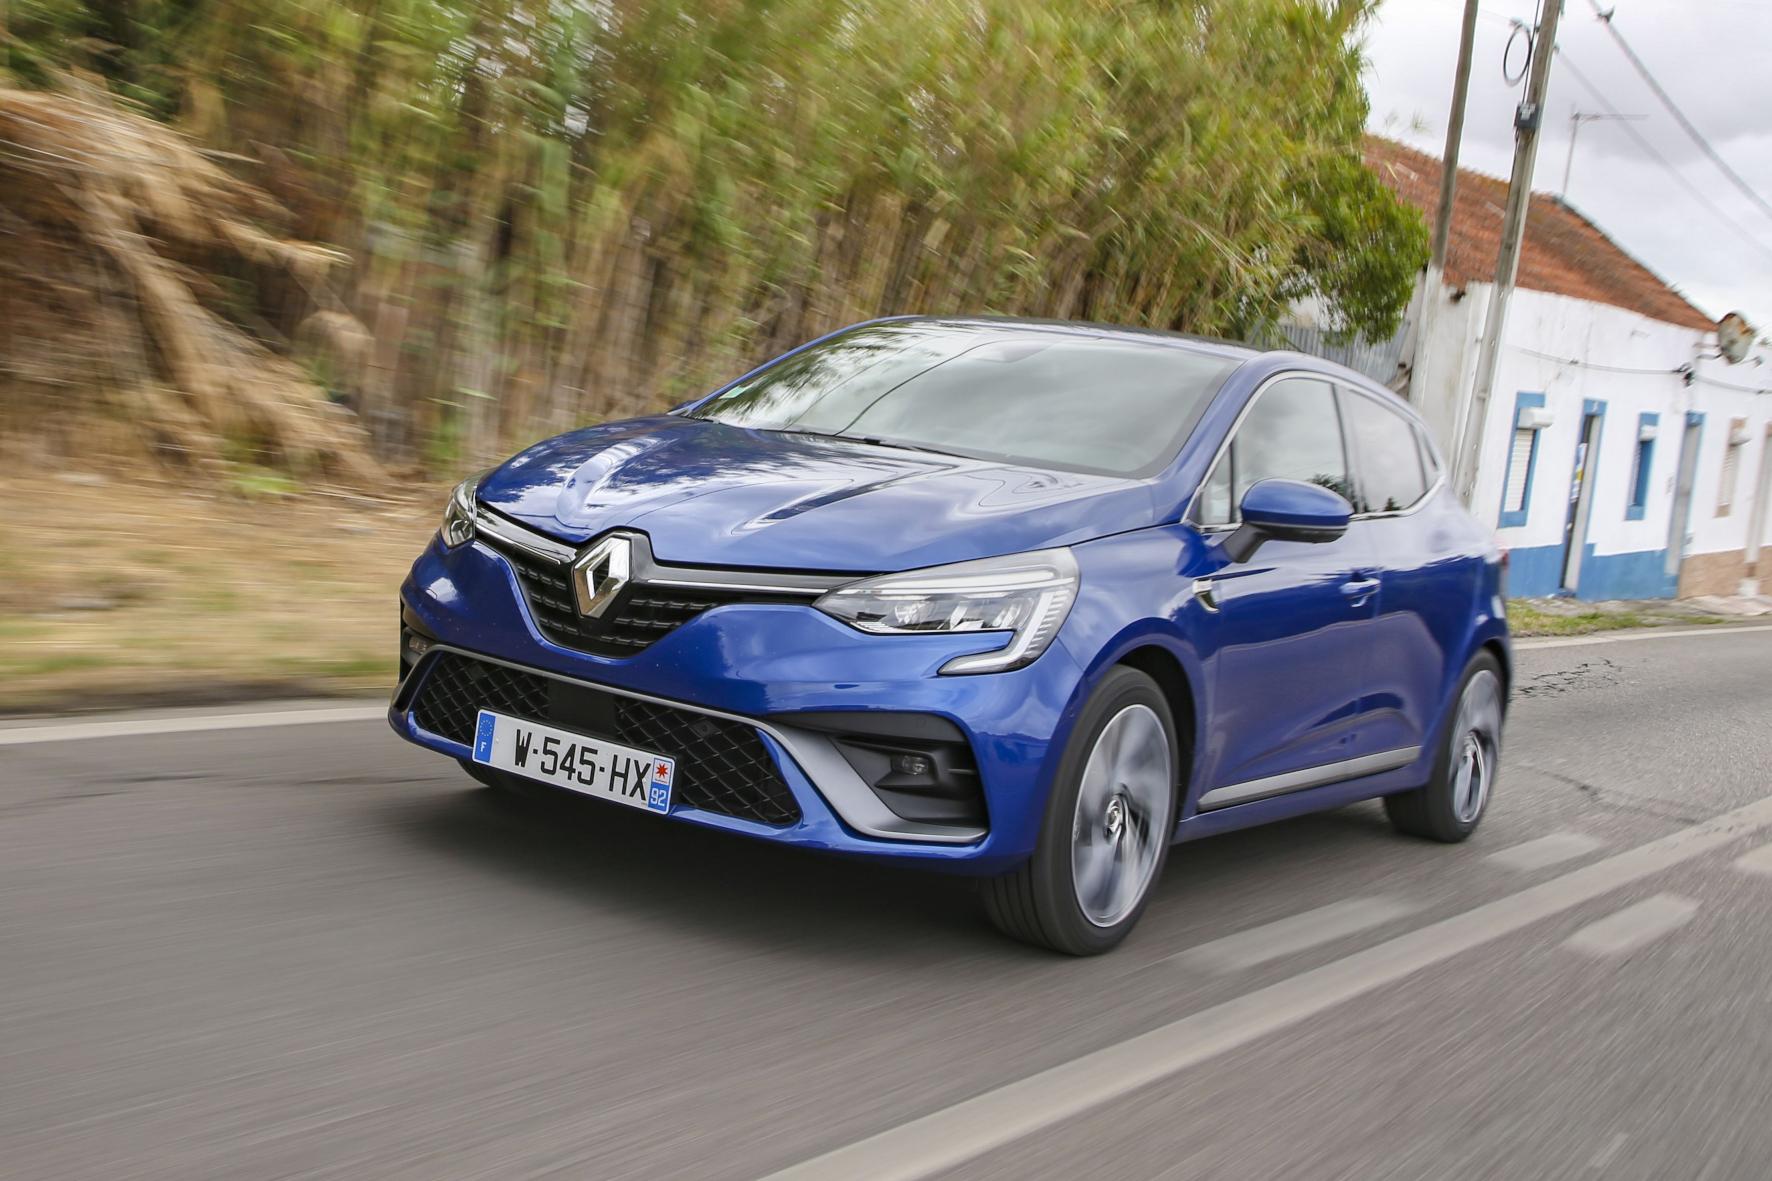 Der neue Clio soll dabei helfen, den Renault-Marktanteil weiter zu vergrößern.